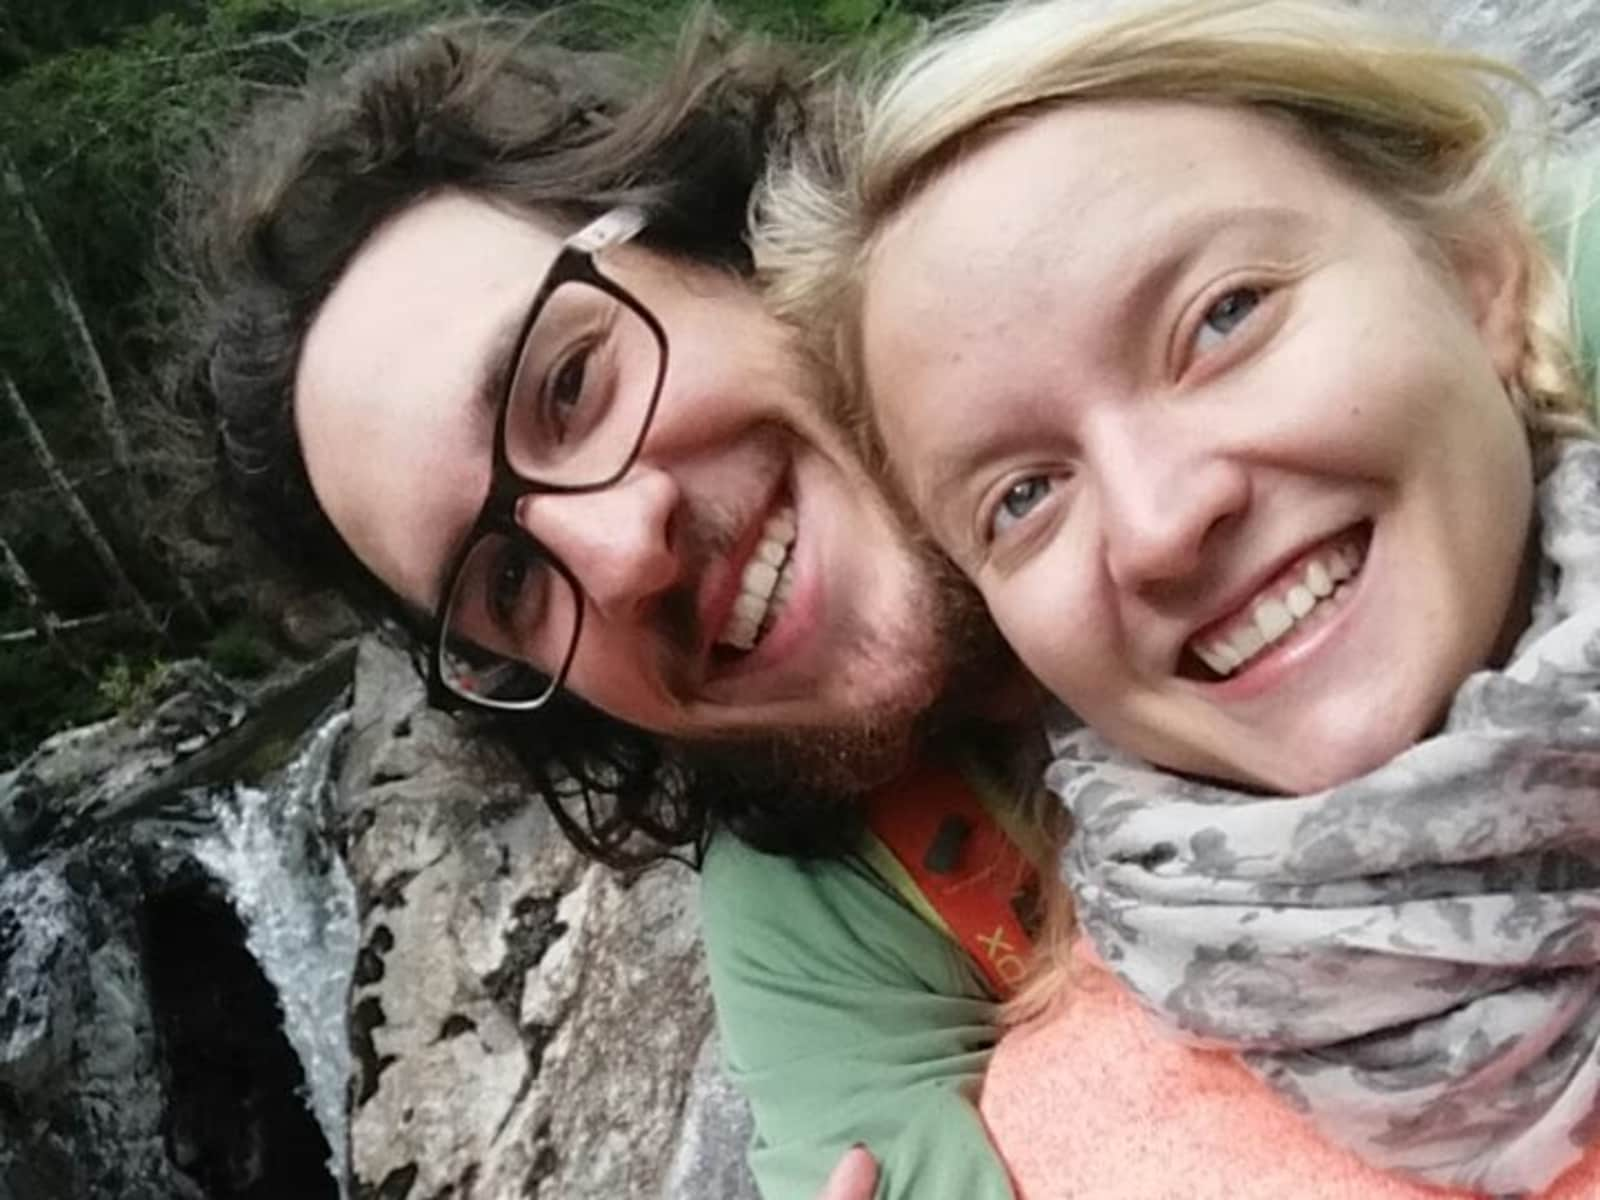 Juliana & Marcel from Kempten (Allgäu), Germany